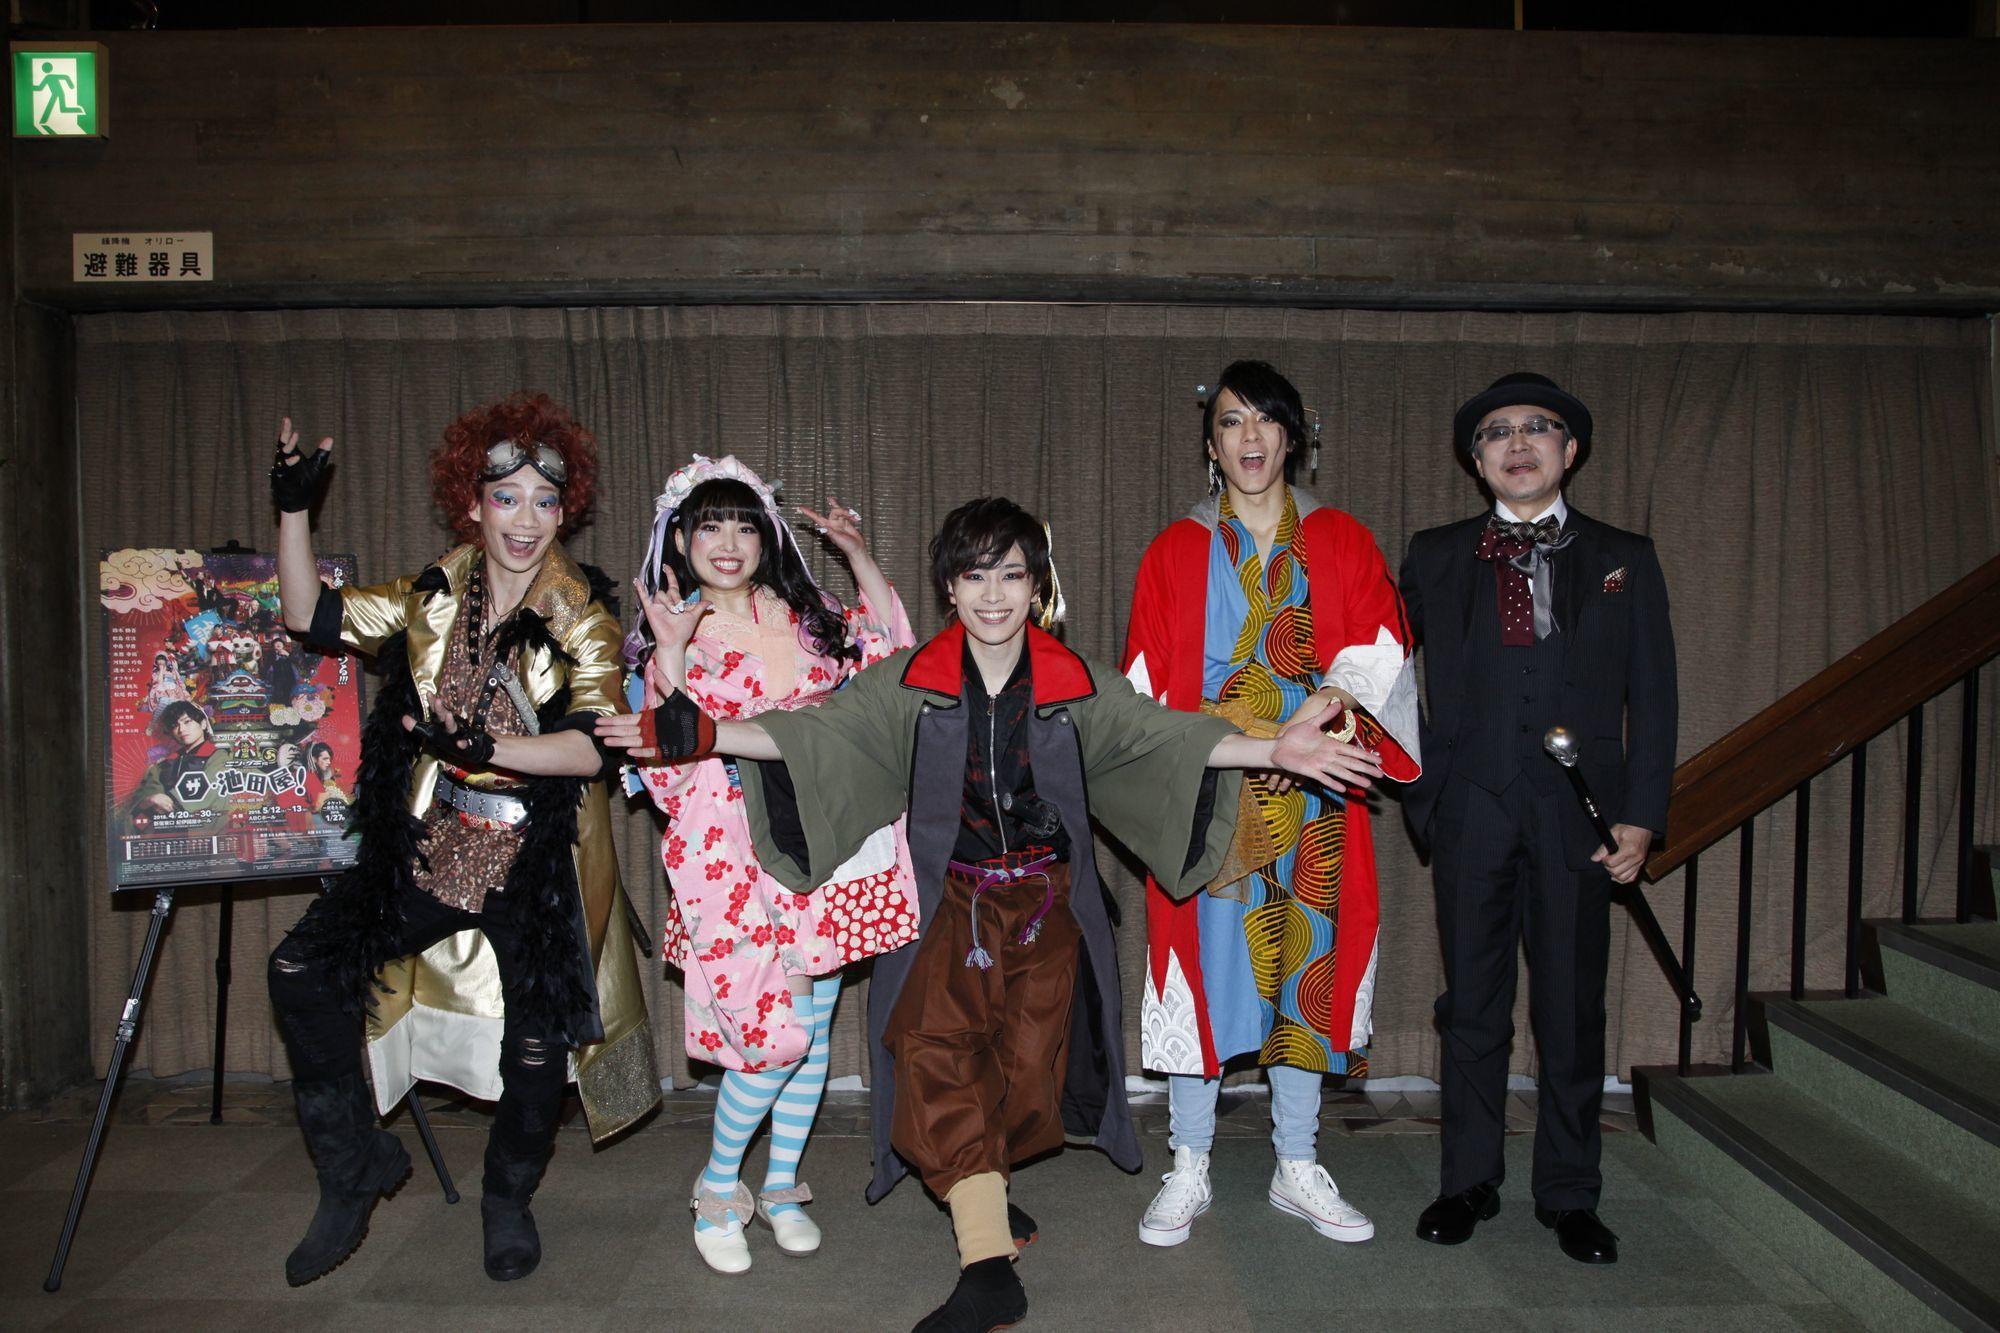 (左から)池田純矢、中島早貴、鈴木勝吾、松島庄汰、松尾貴史